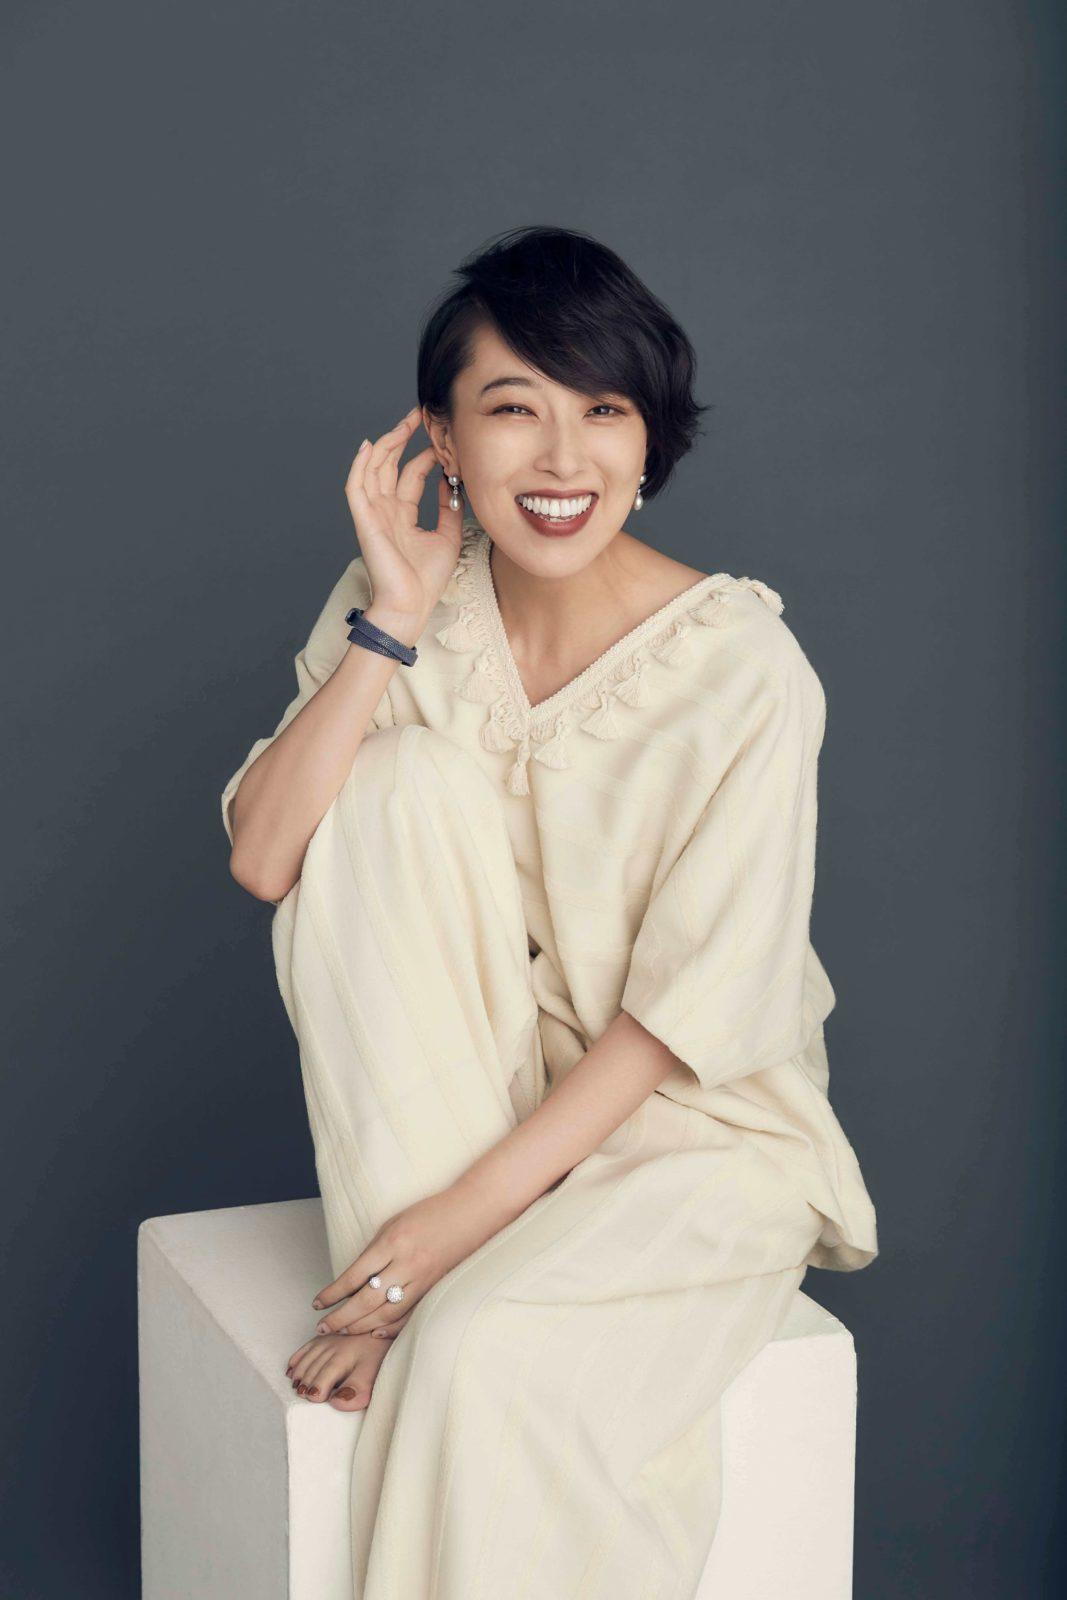 笹川美和、1年半ぶりの新曲「あなたと笑う」配信スタートサムネイル画像